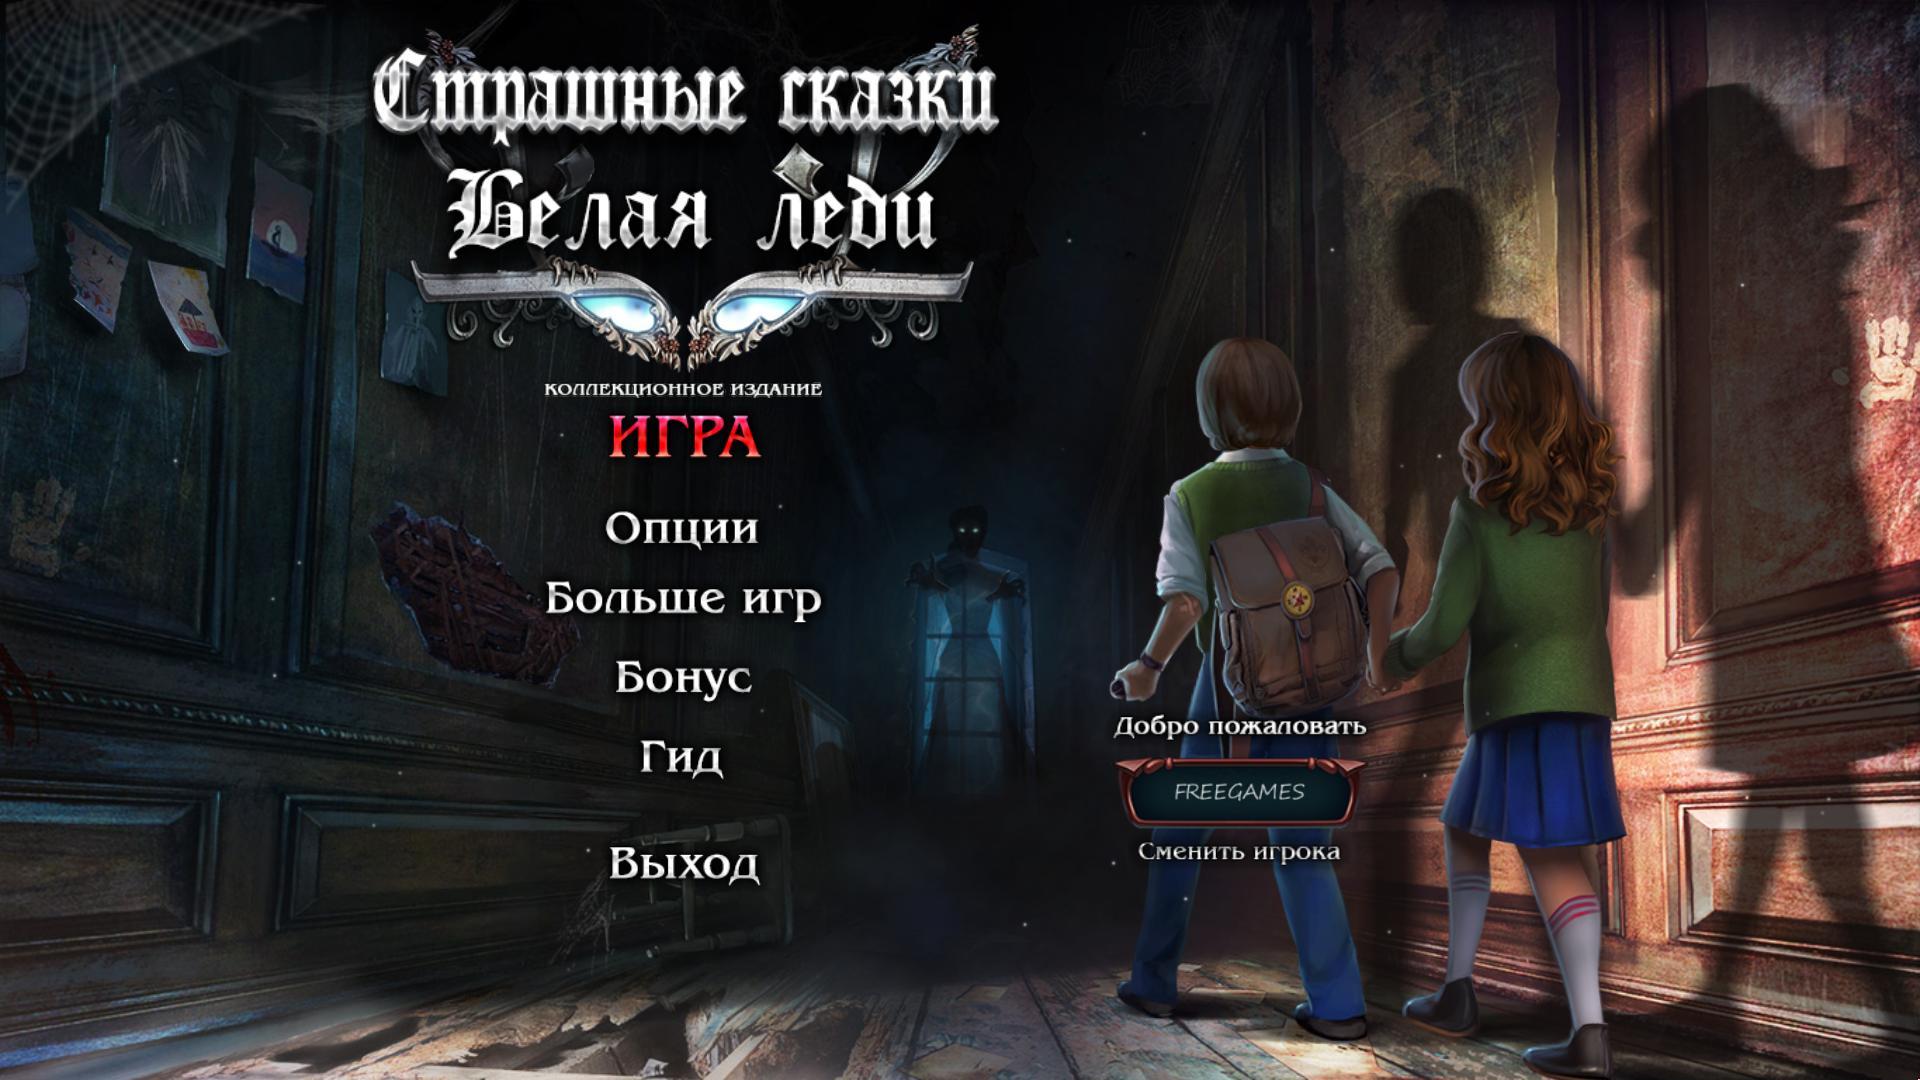 Страшные сказки 13: Белая леди. Коллекционное издание | Grim Tales 13: The White Lady CE (Rus)